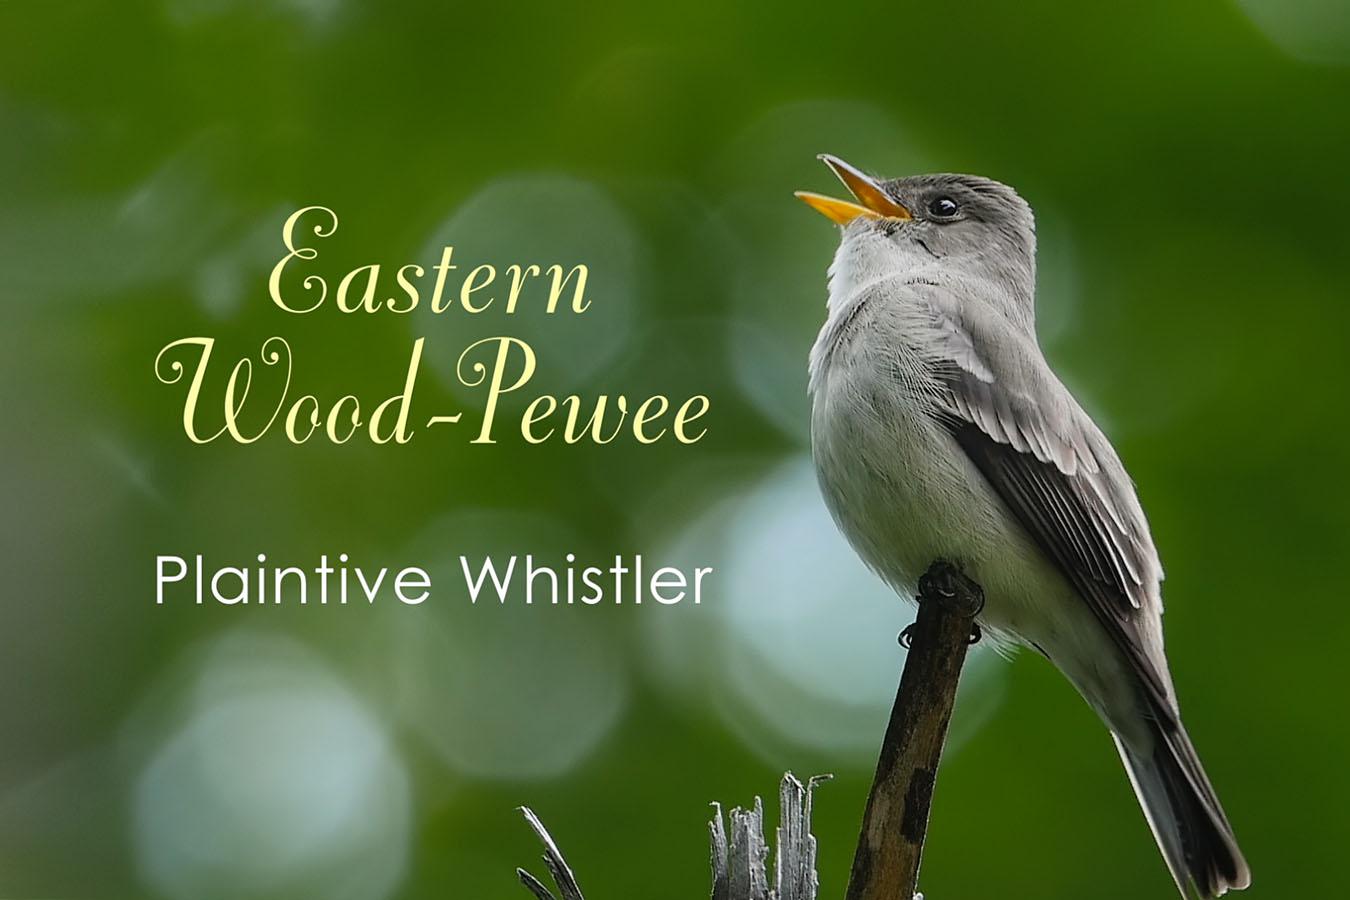 Eastern Wood-Pewee - featured image © Lang Elliott